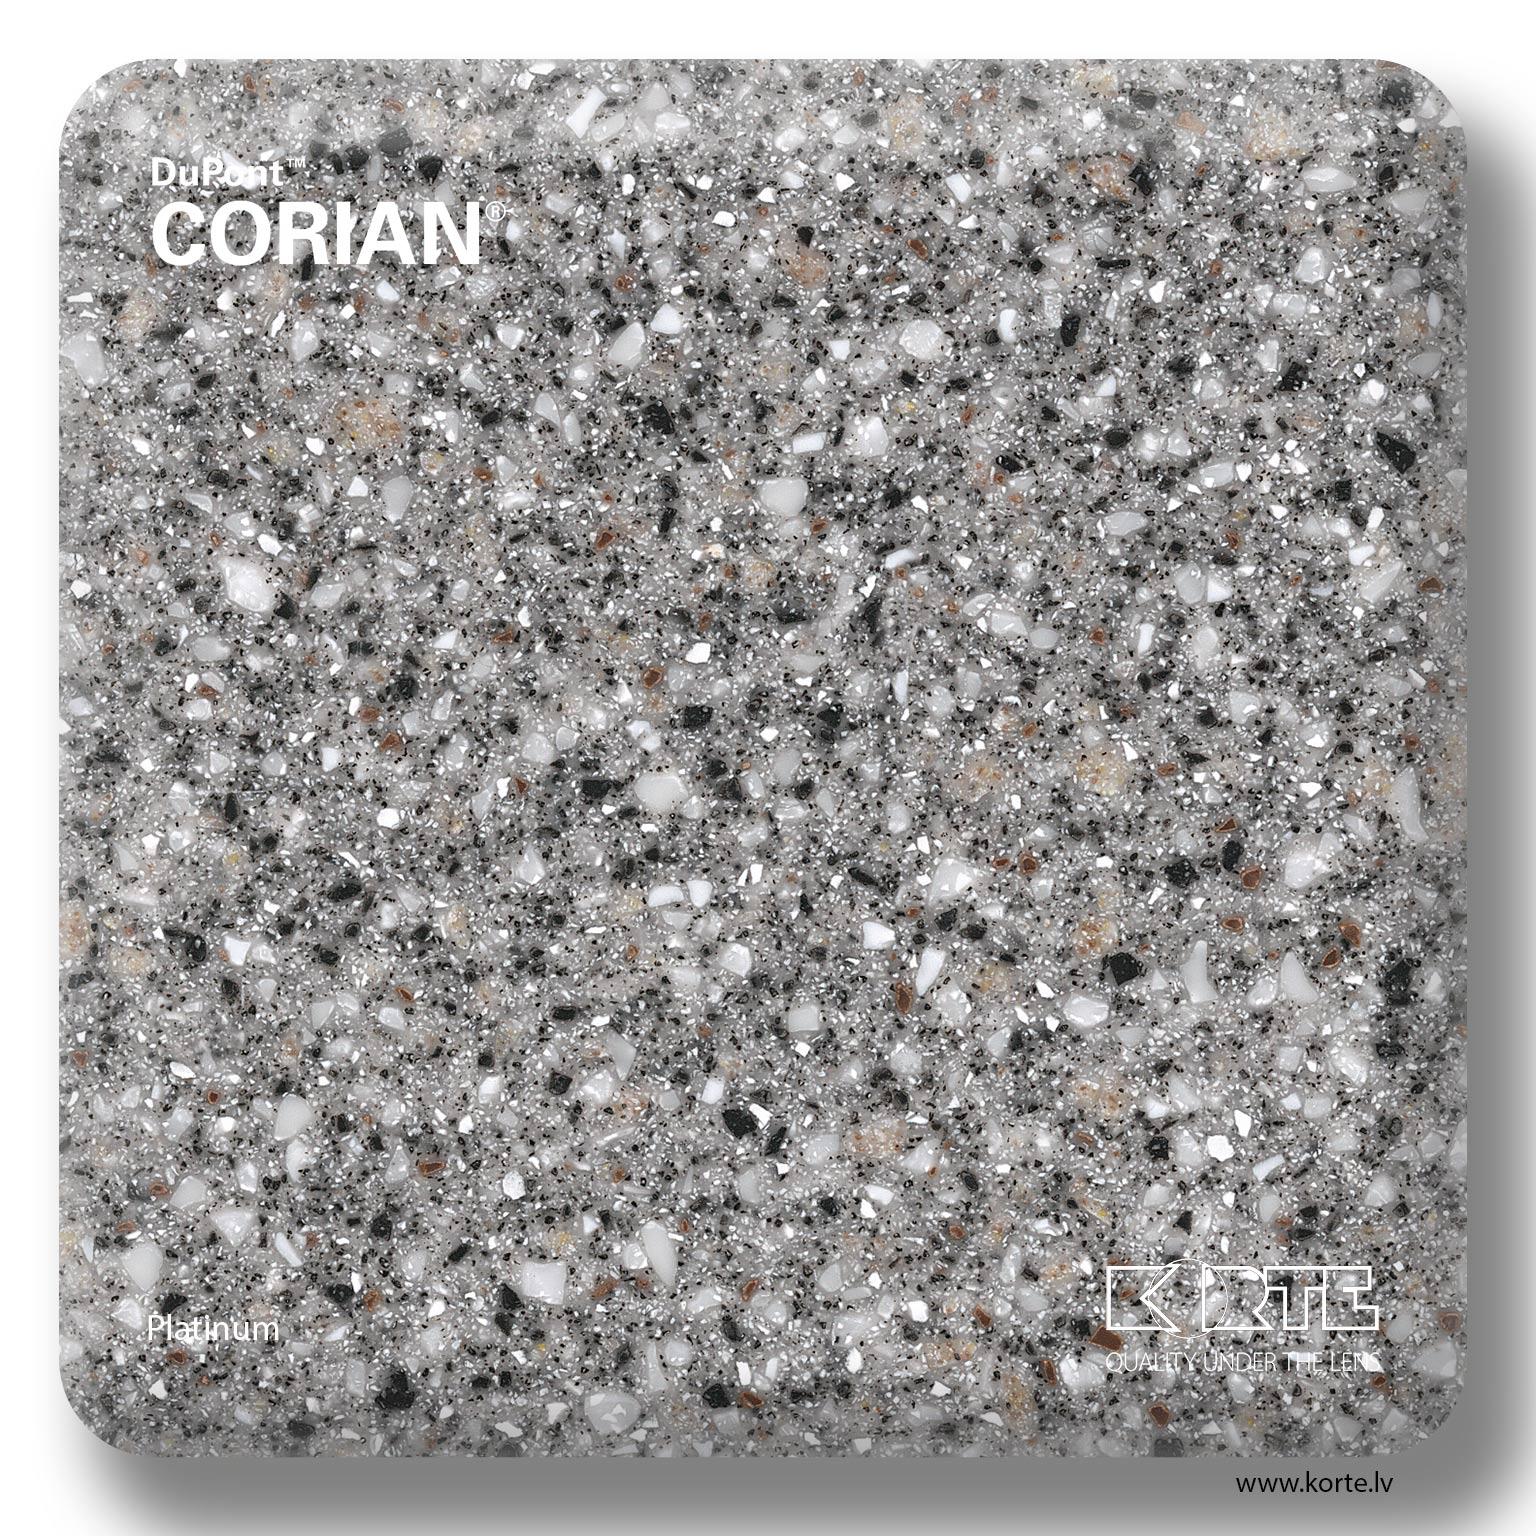 Corian Platinum